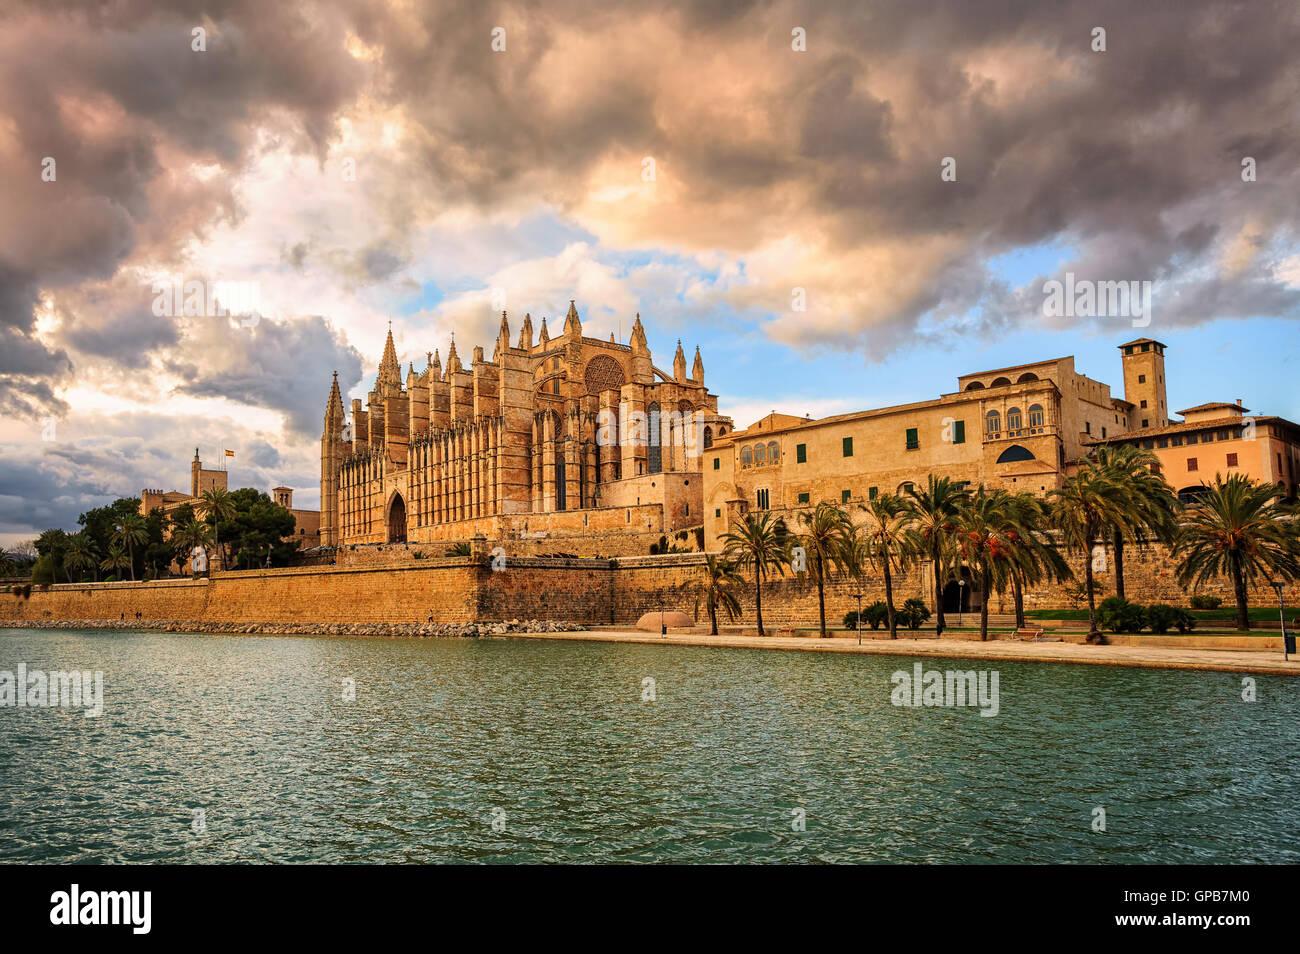 Sonnenuntergang über mittelalterliche gotische La Seu, die Kathedrale von Palma De Mallorca, Spanien Stockbild